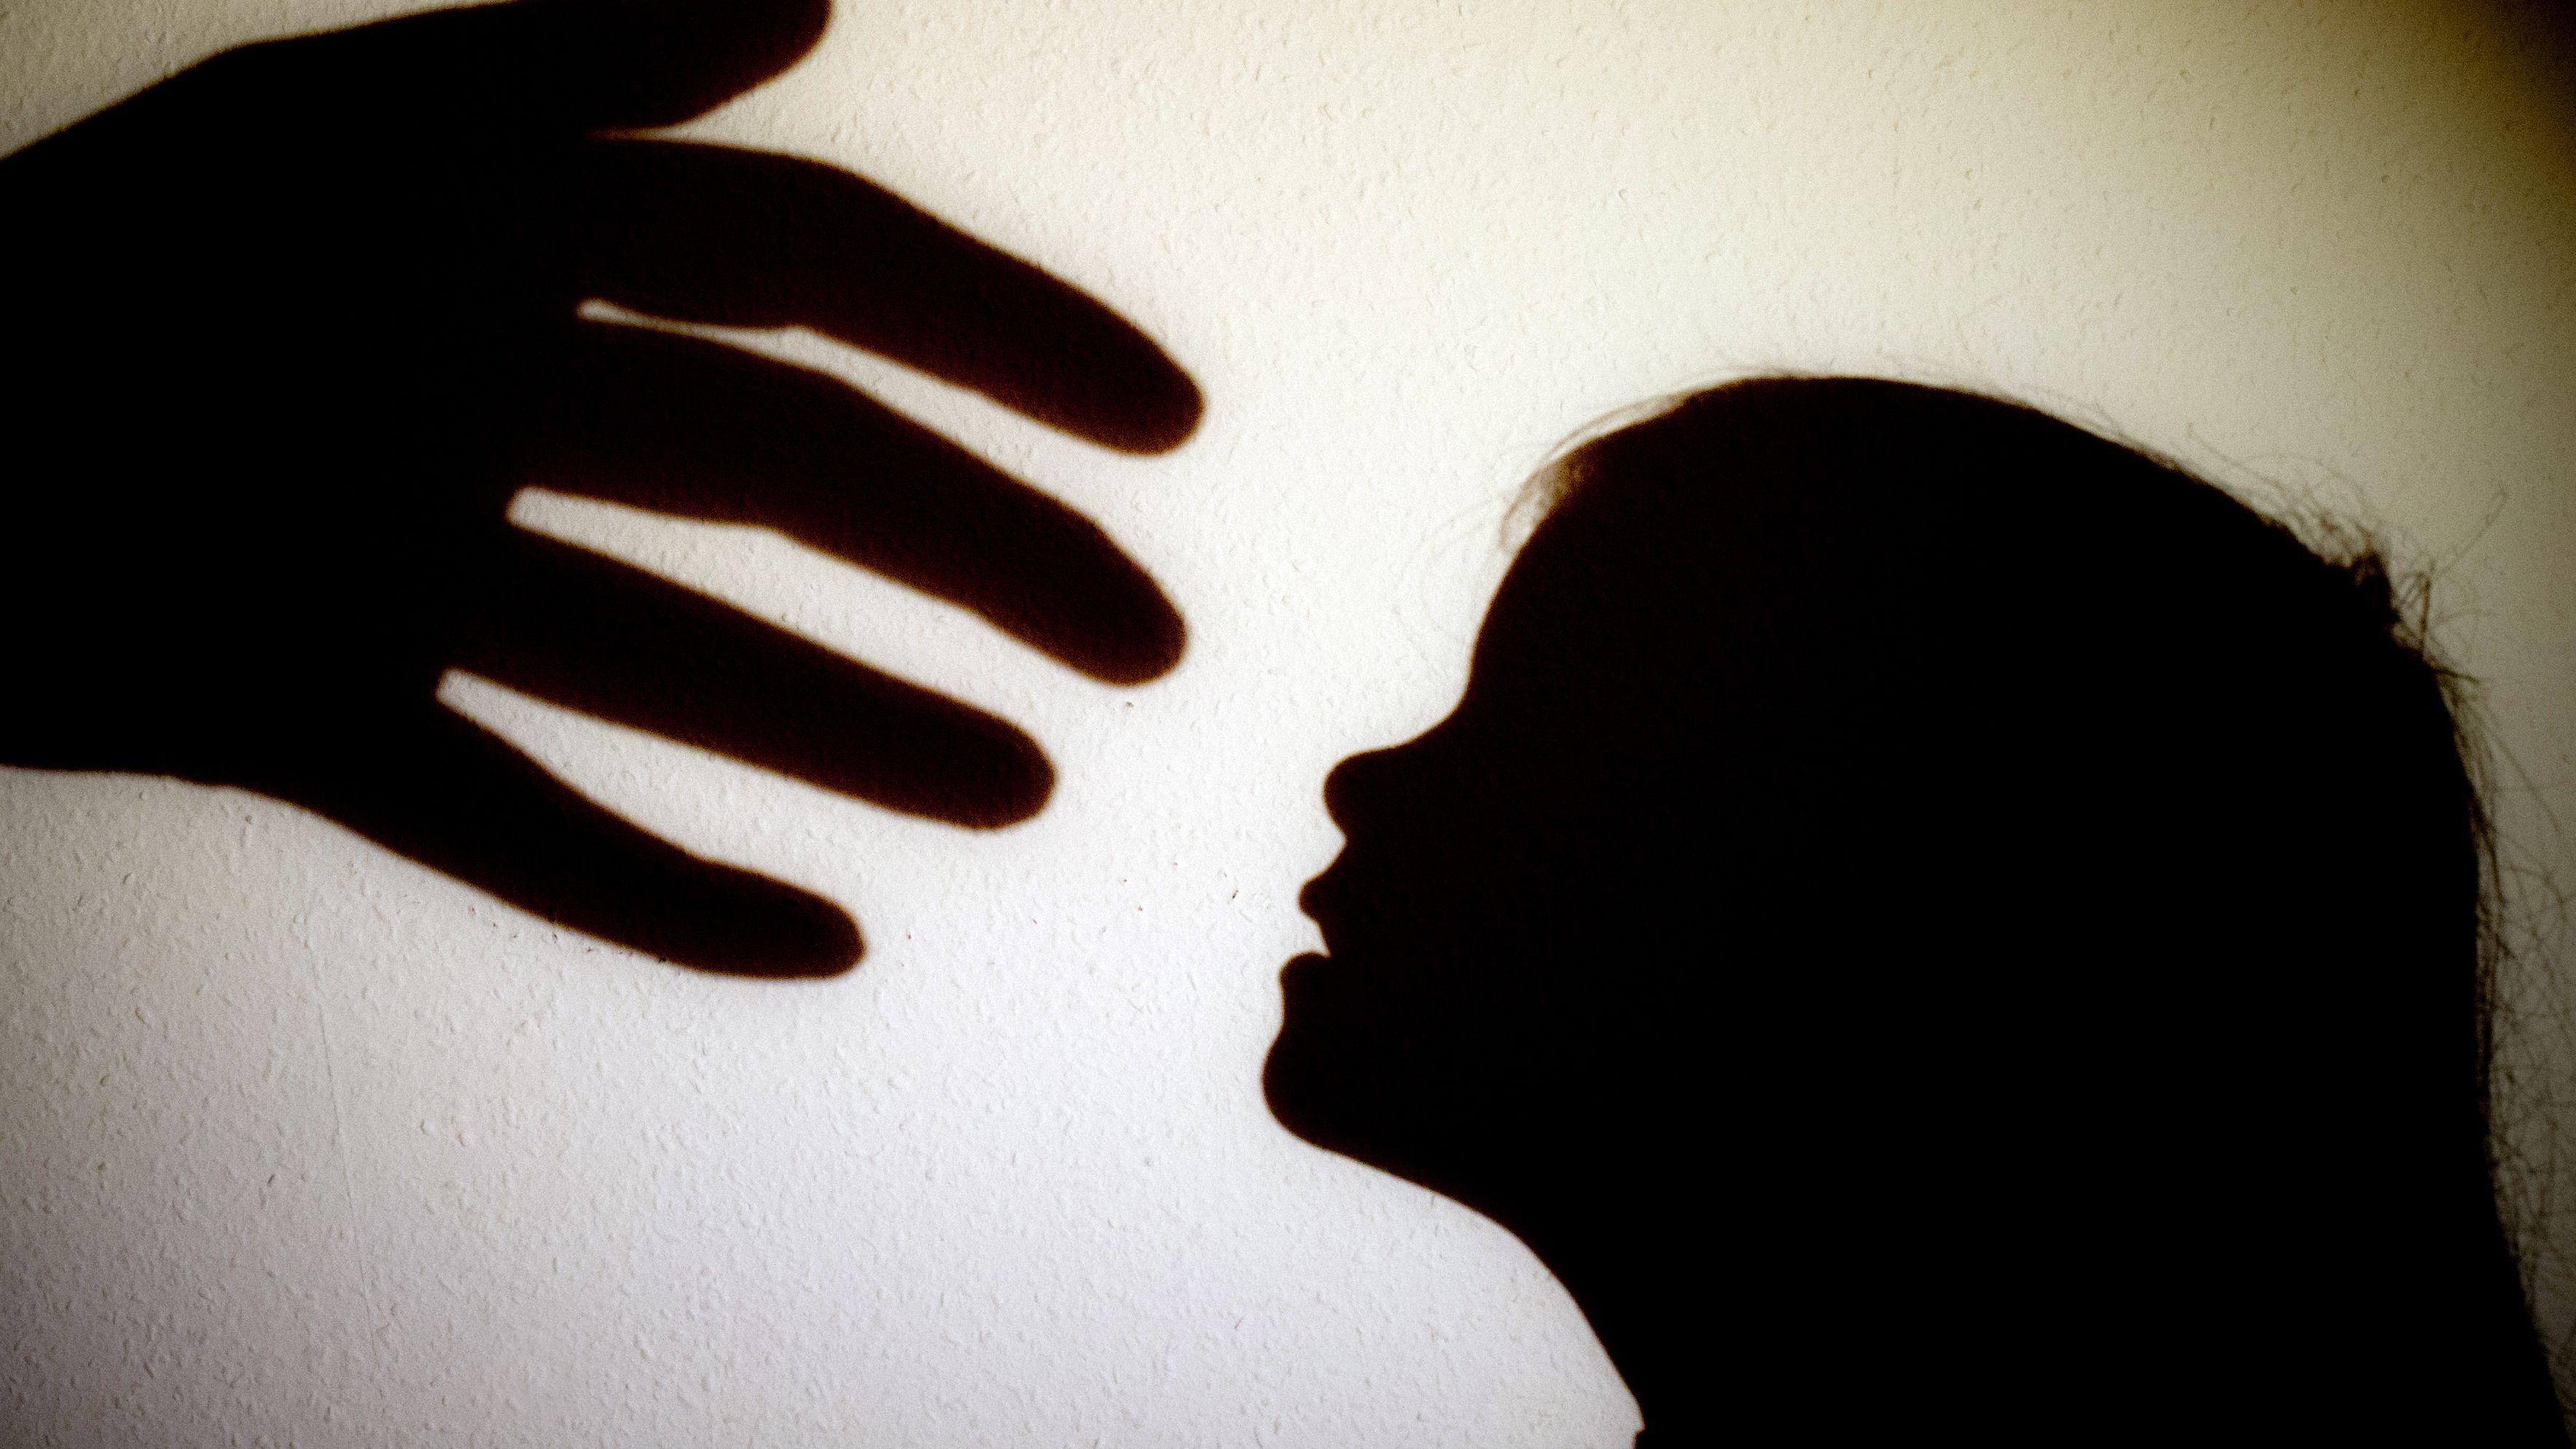 Schatten einer Hand einer erwachsenen Person und der Kopf eines Kindes